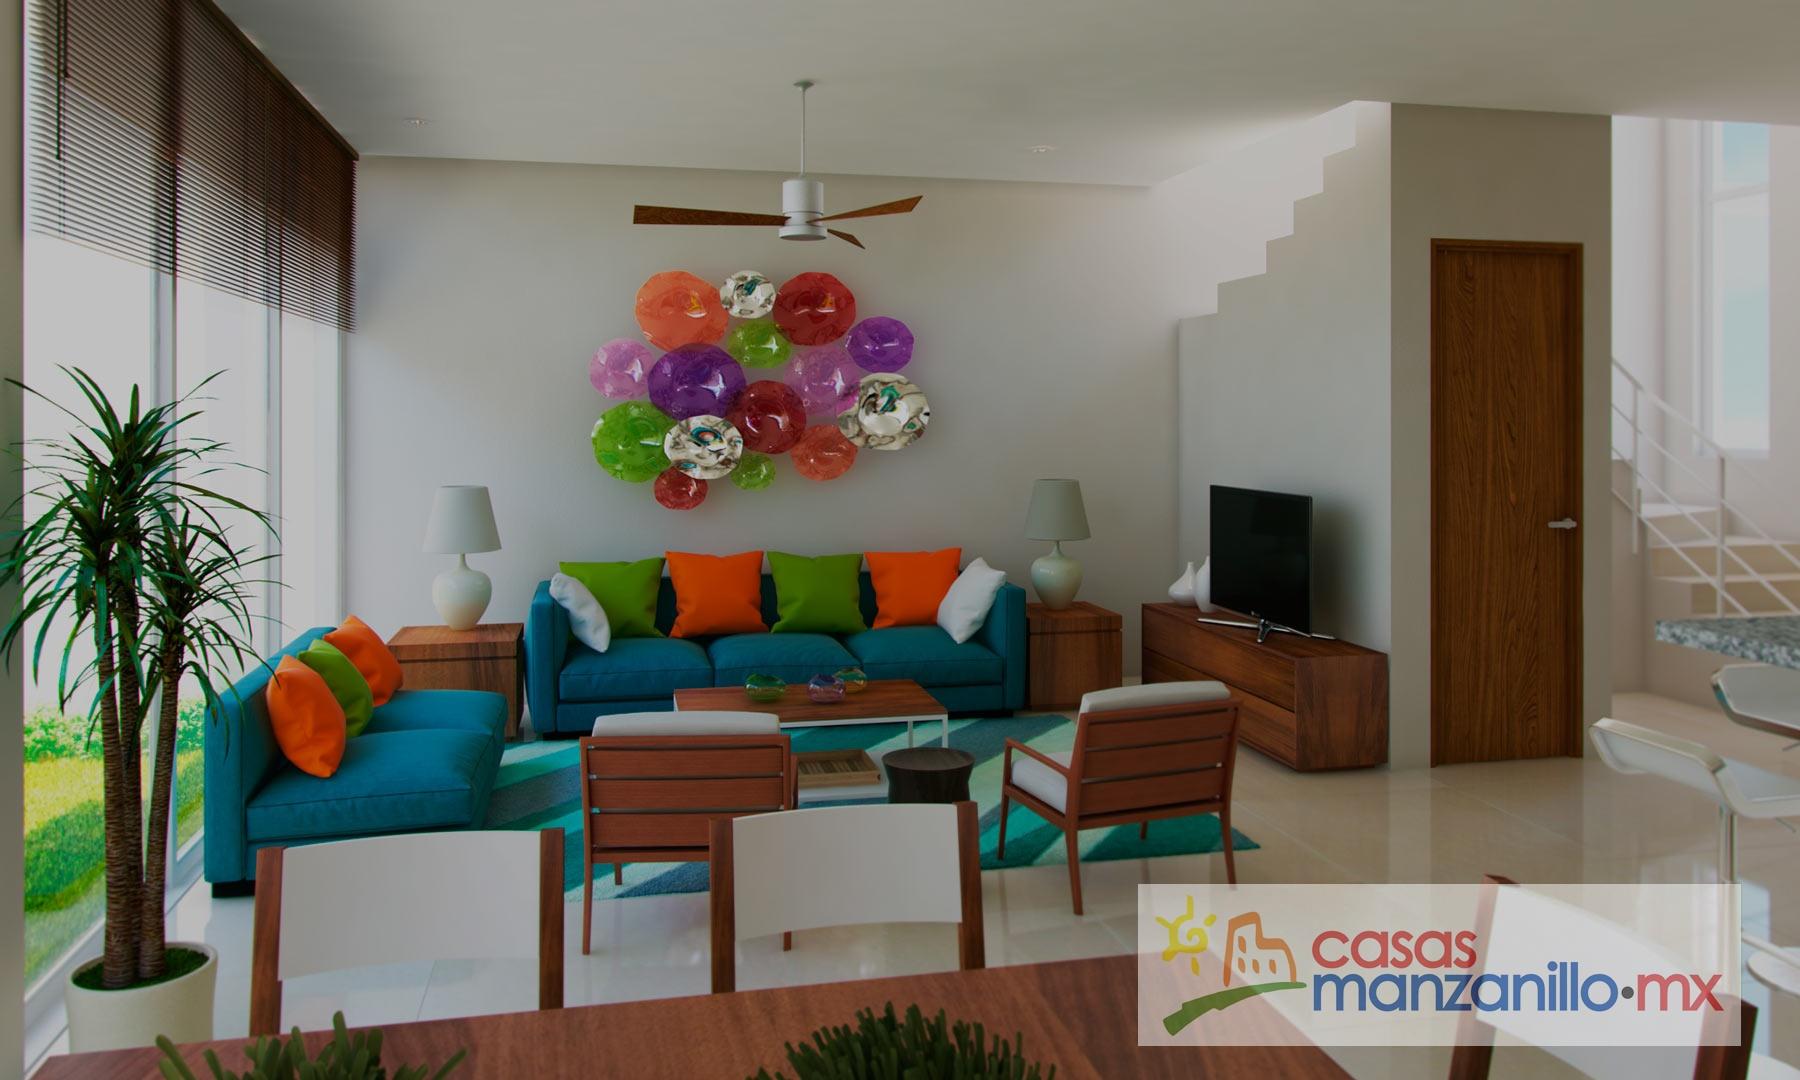 Residencial Catleyas - Casas VENTA Manzanillo